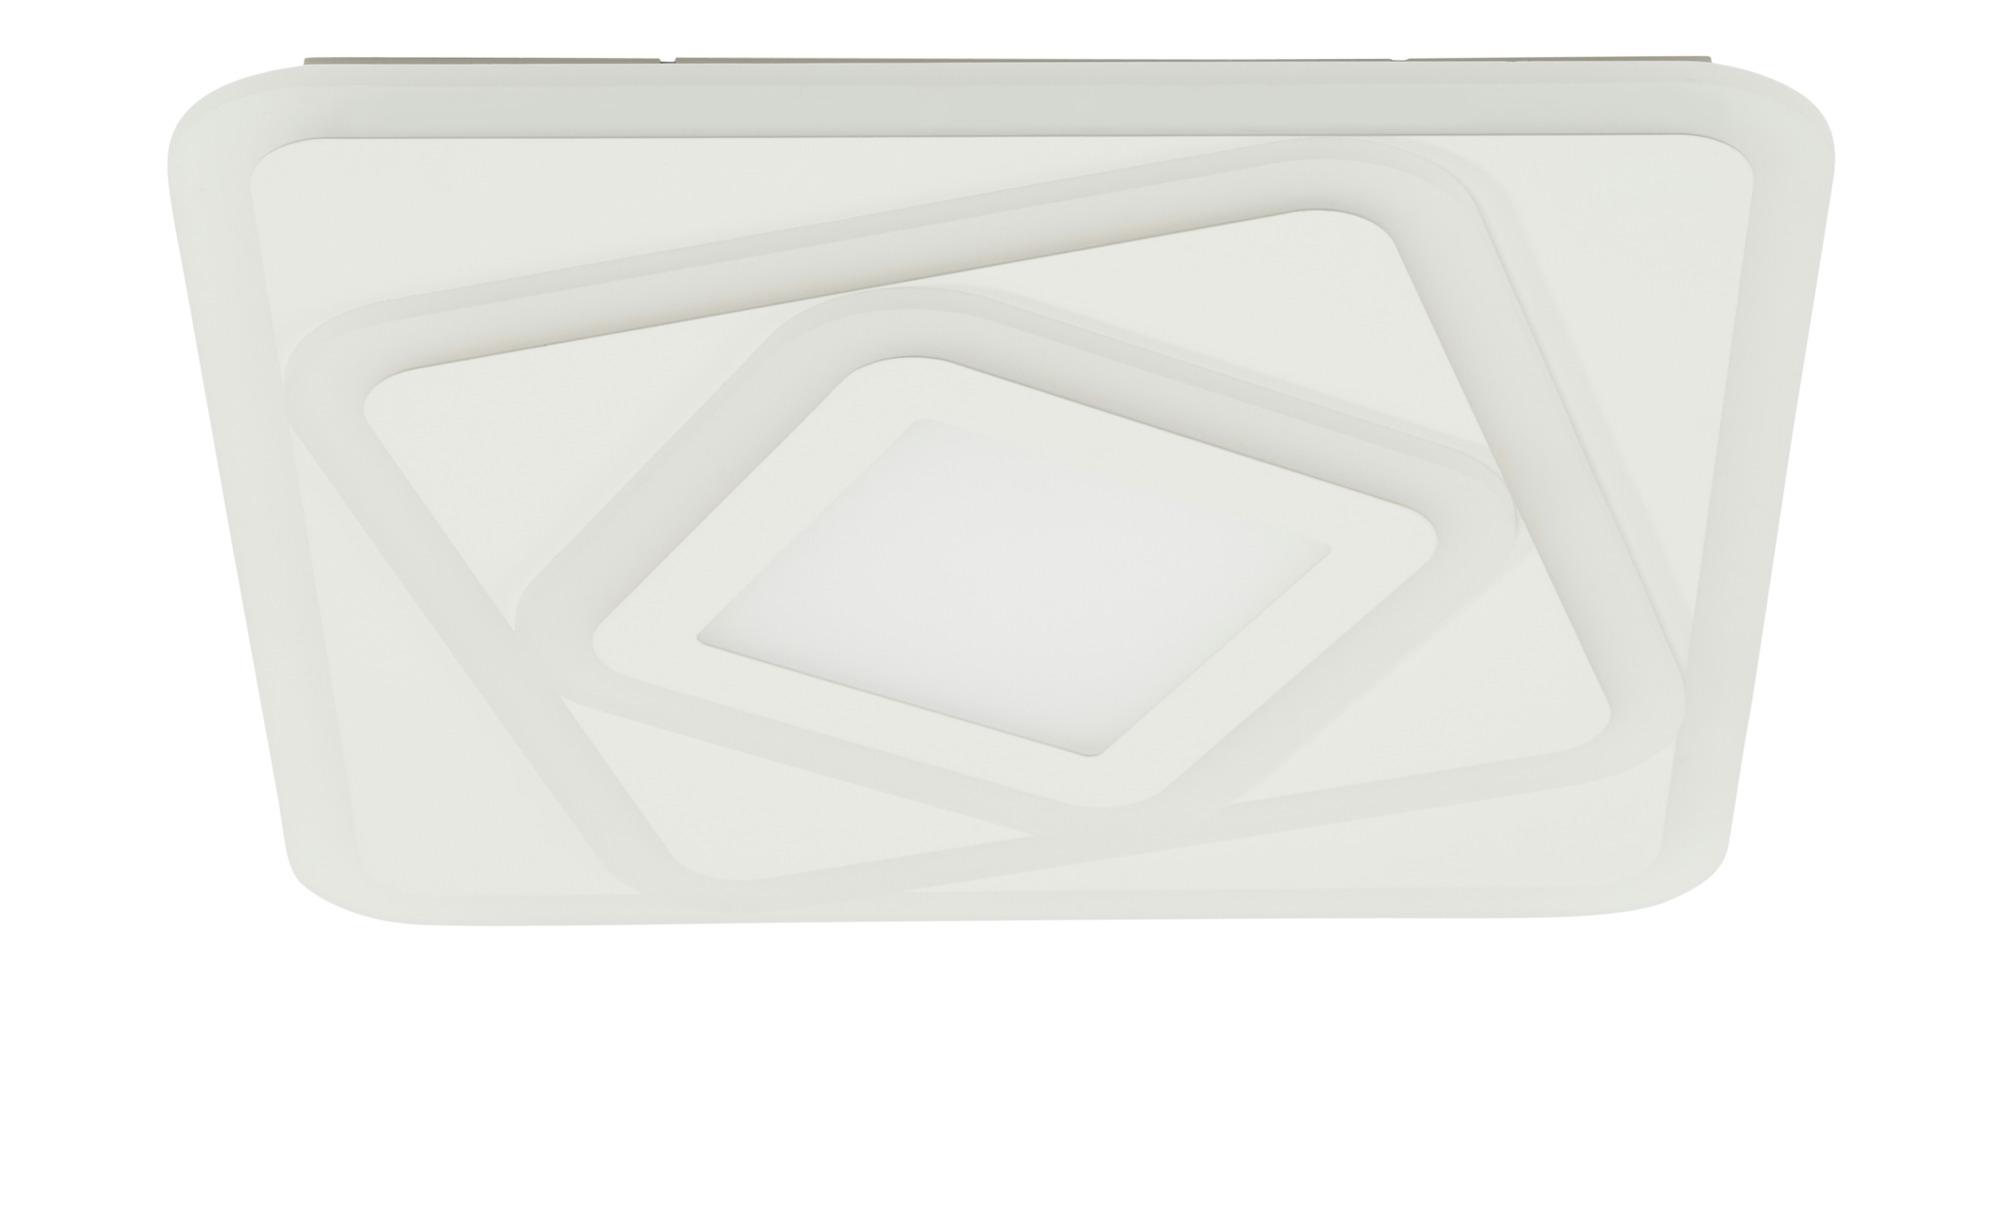 KHG LED-Deckenleuchte weiß, eckig ¦ weiß ¦ Maße (cm): B: 50 H: 5 Lampen & Leuchten > Innenleuchten > Deckenleuchten - Höffner